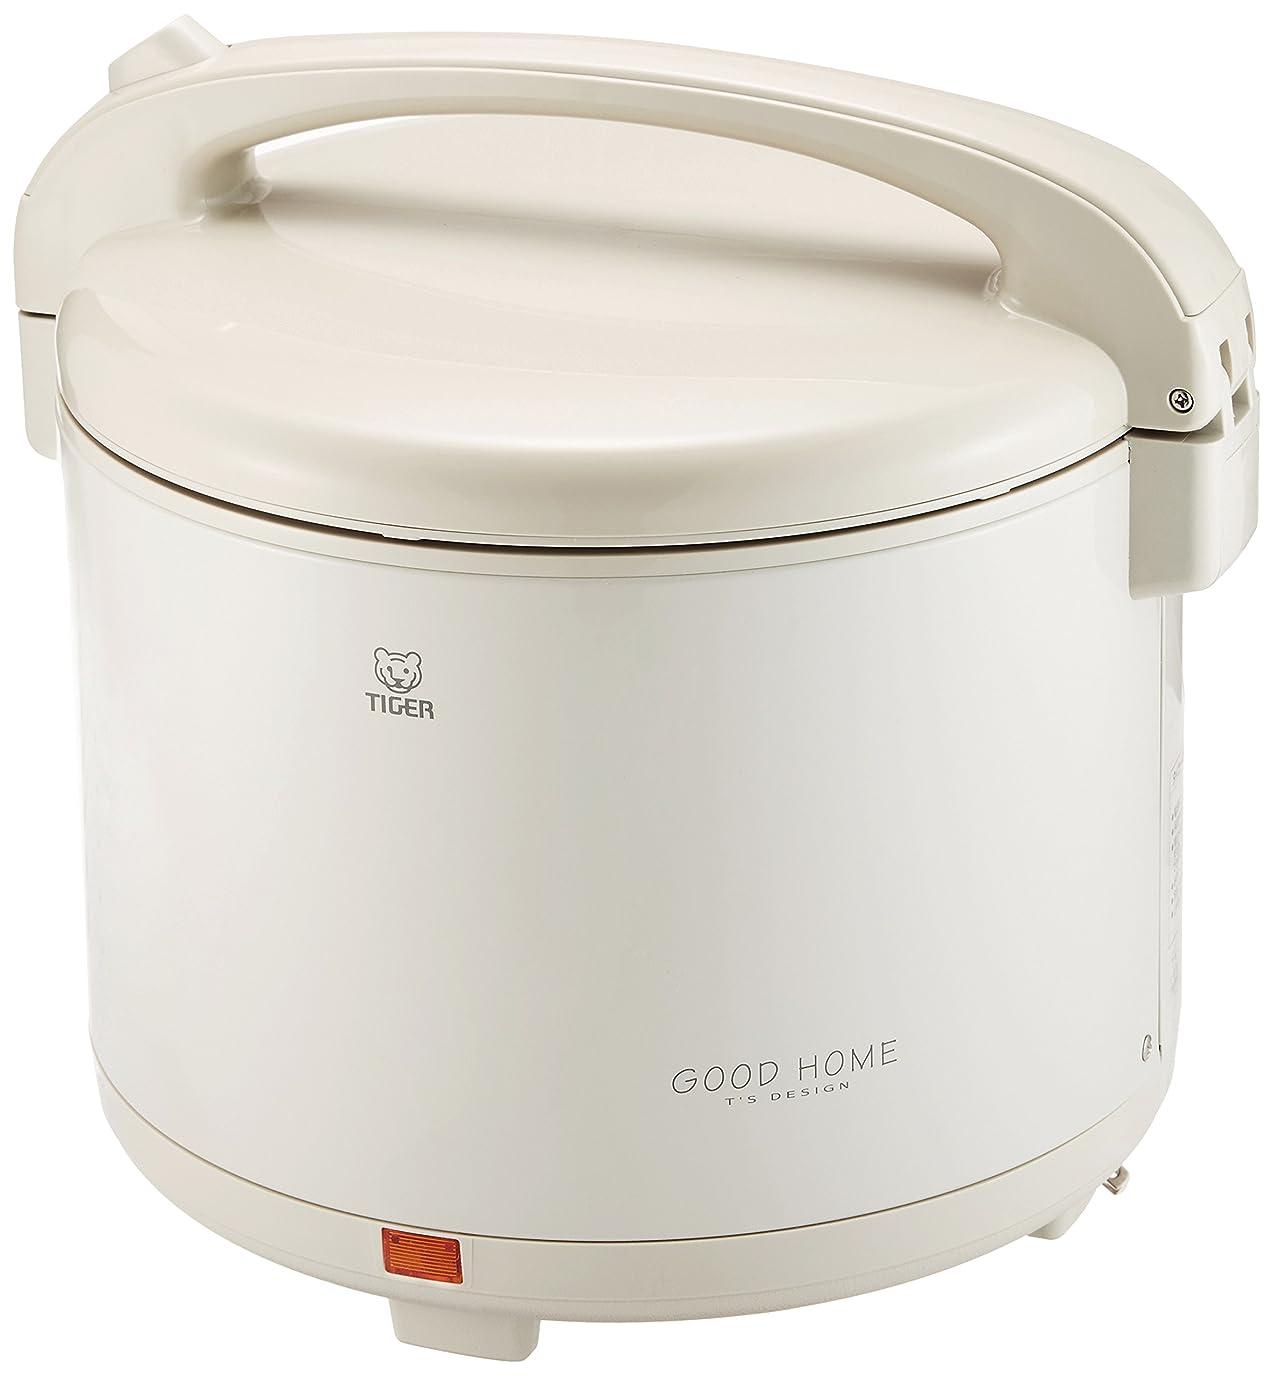 同志だます北東タイガー 電子ジャー 保温専用 保温ジャー 1升 マイルドグレー JHD-1800-HD